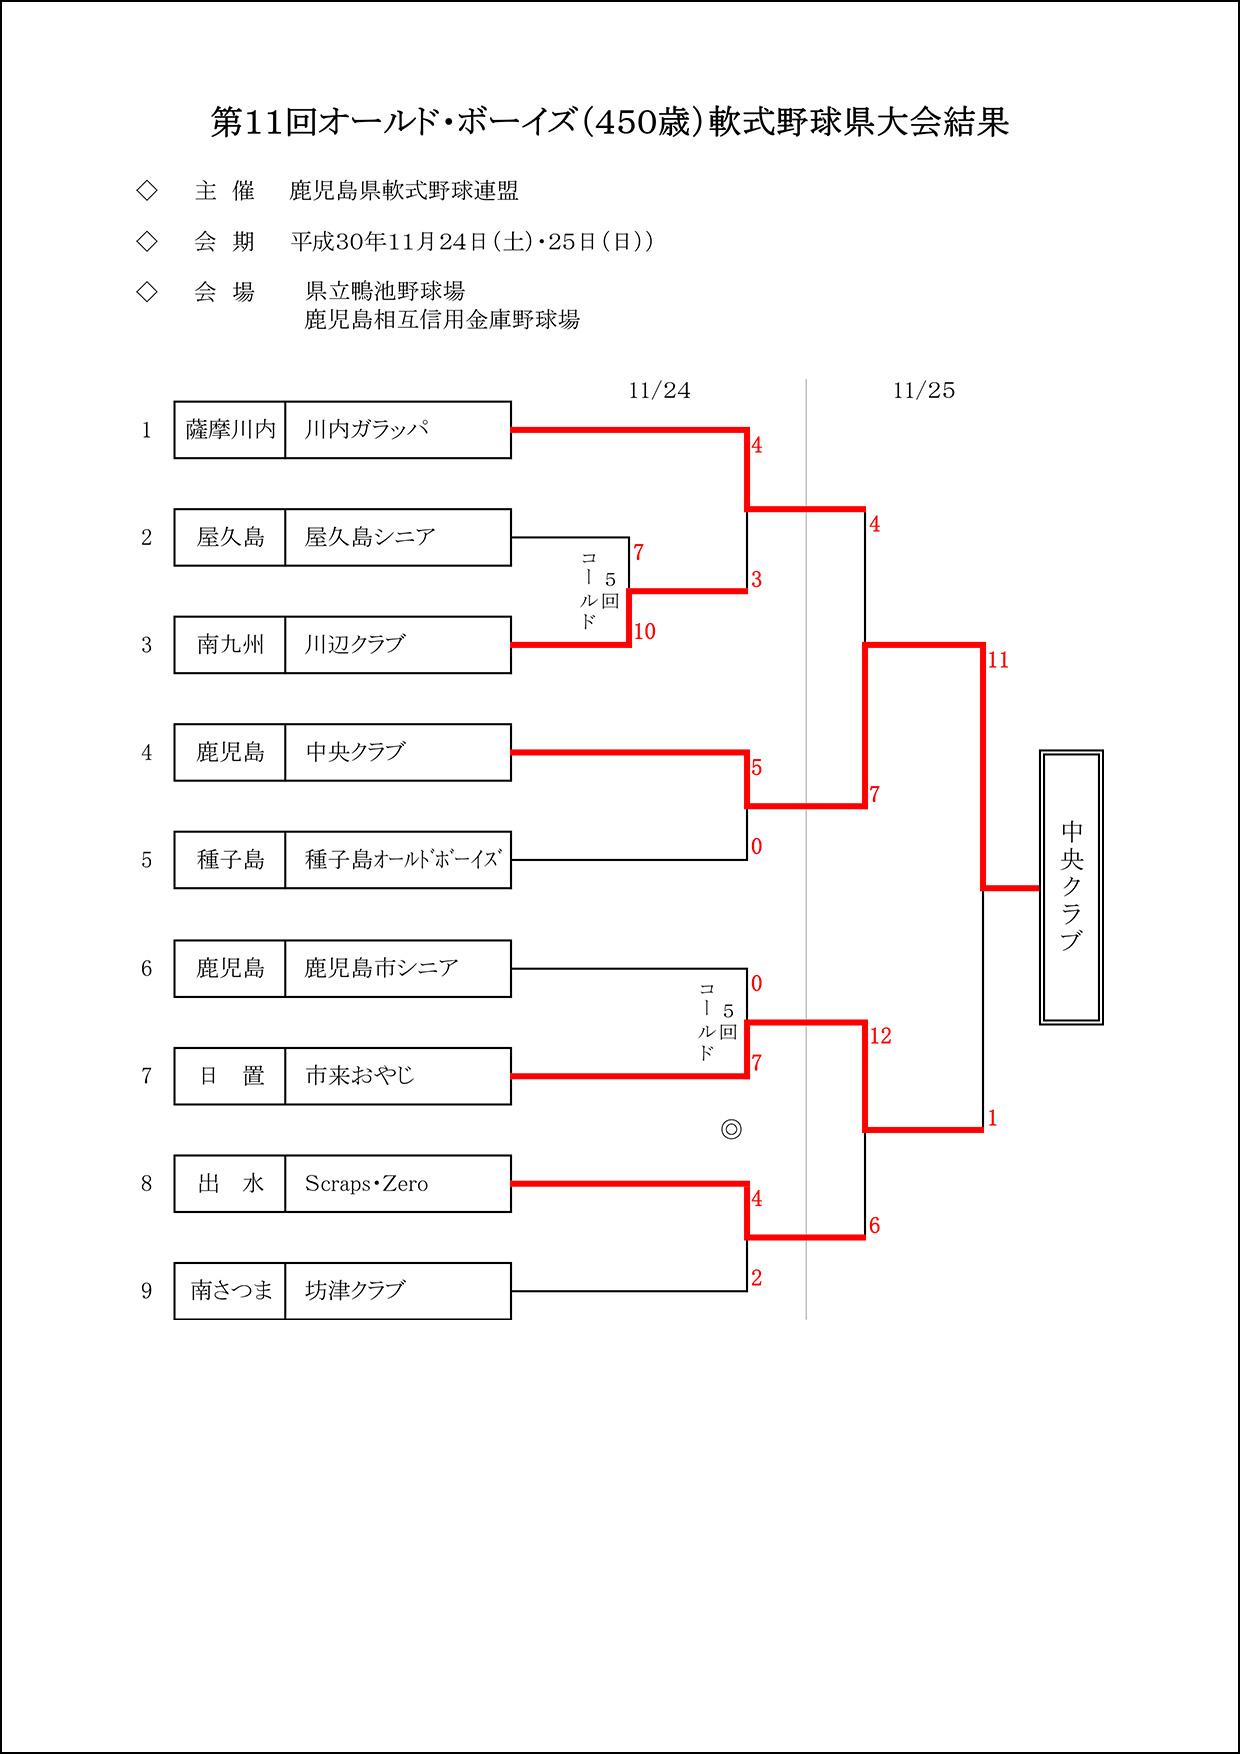 【結果】第11回オールドボーイズ大会